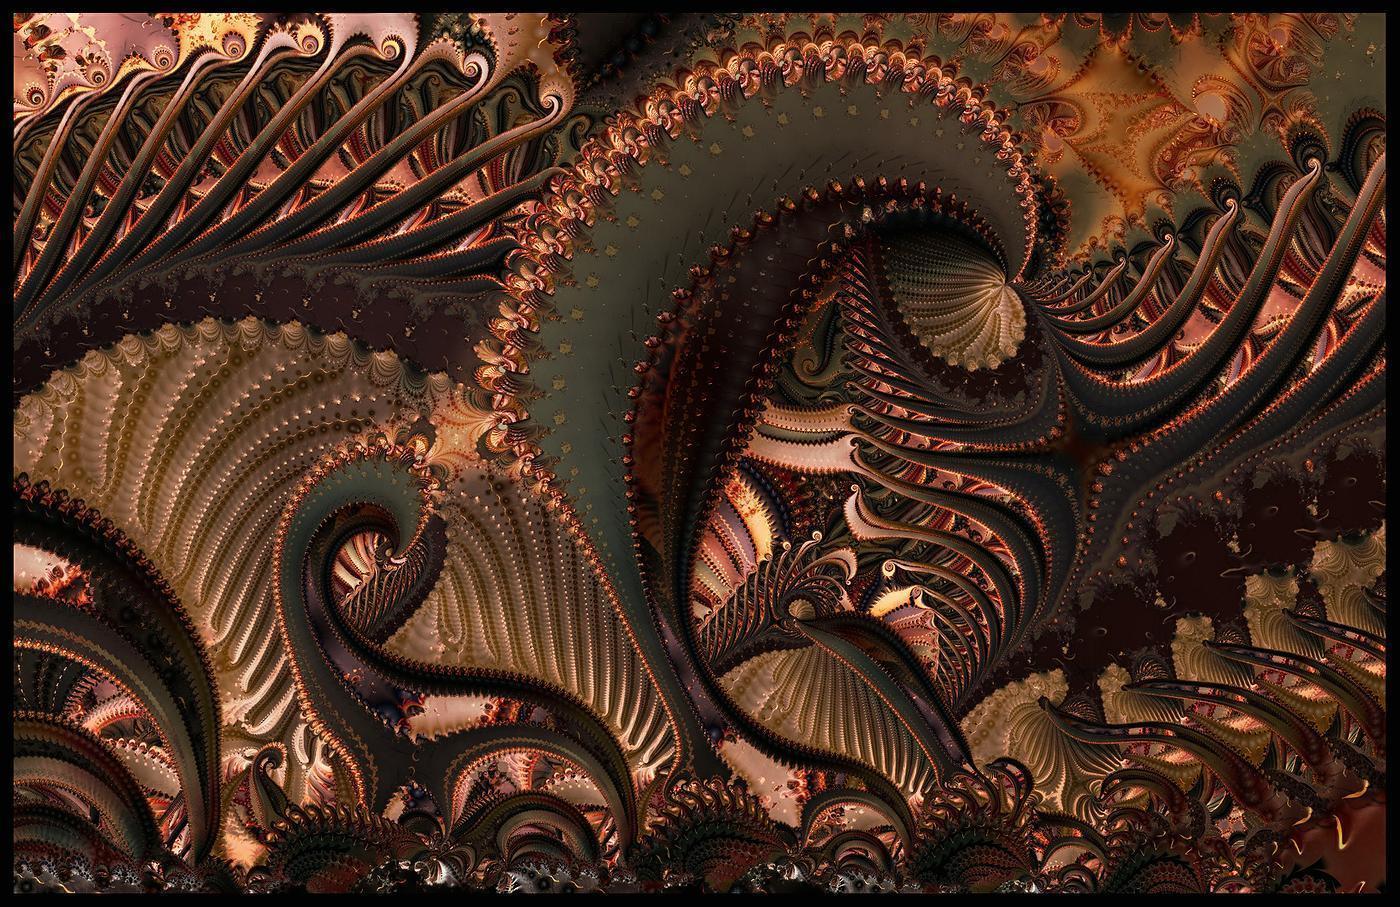 Fractal Image 31211x2